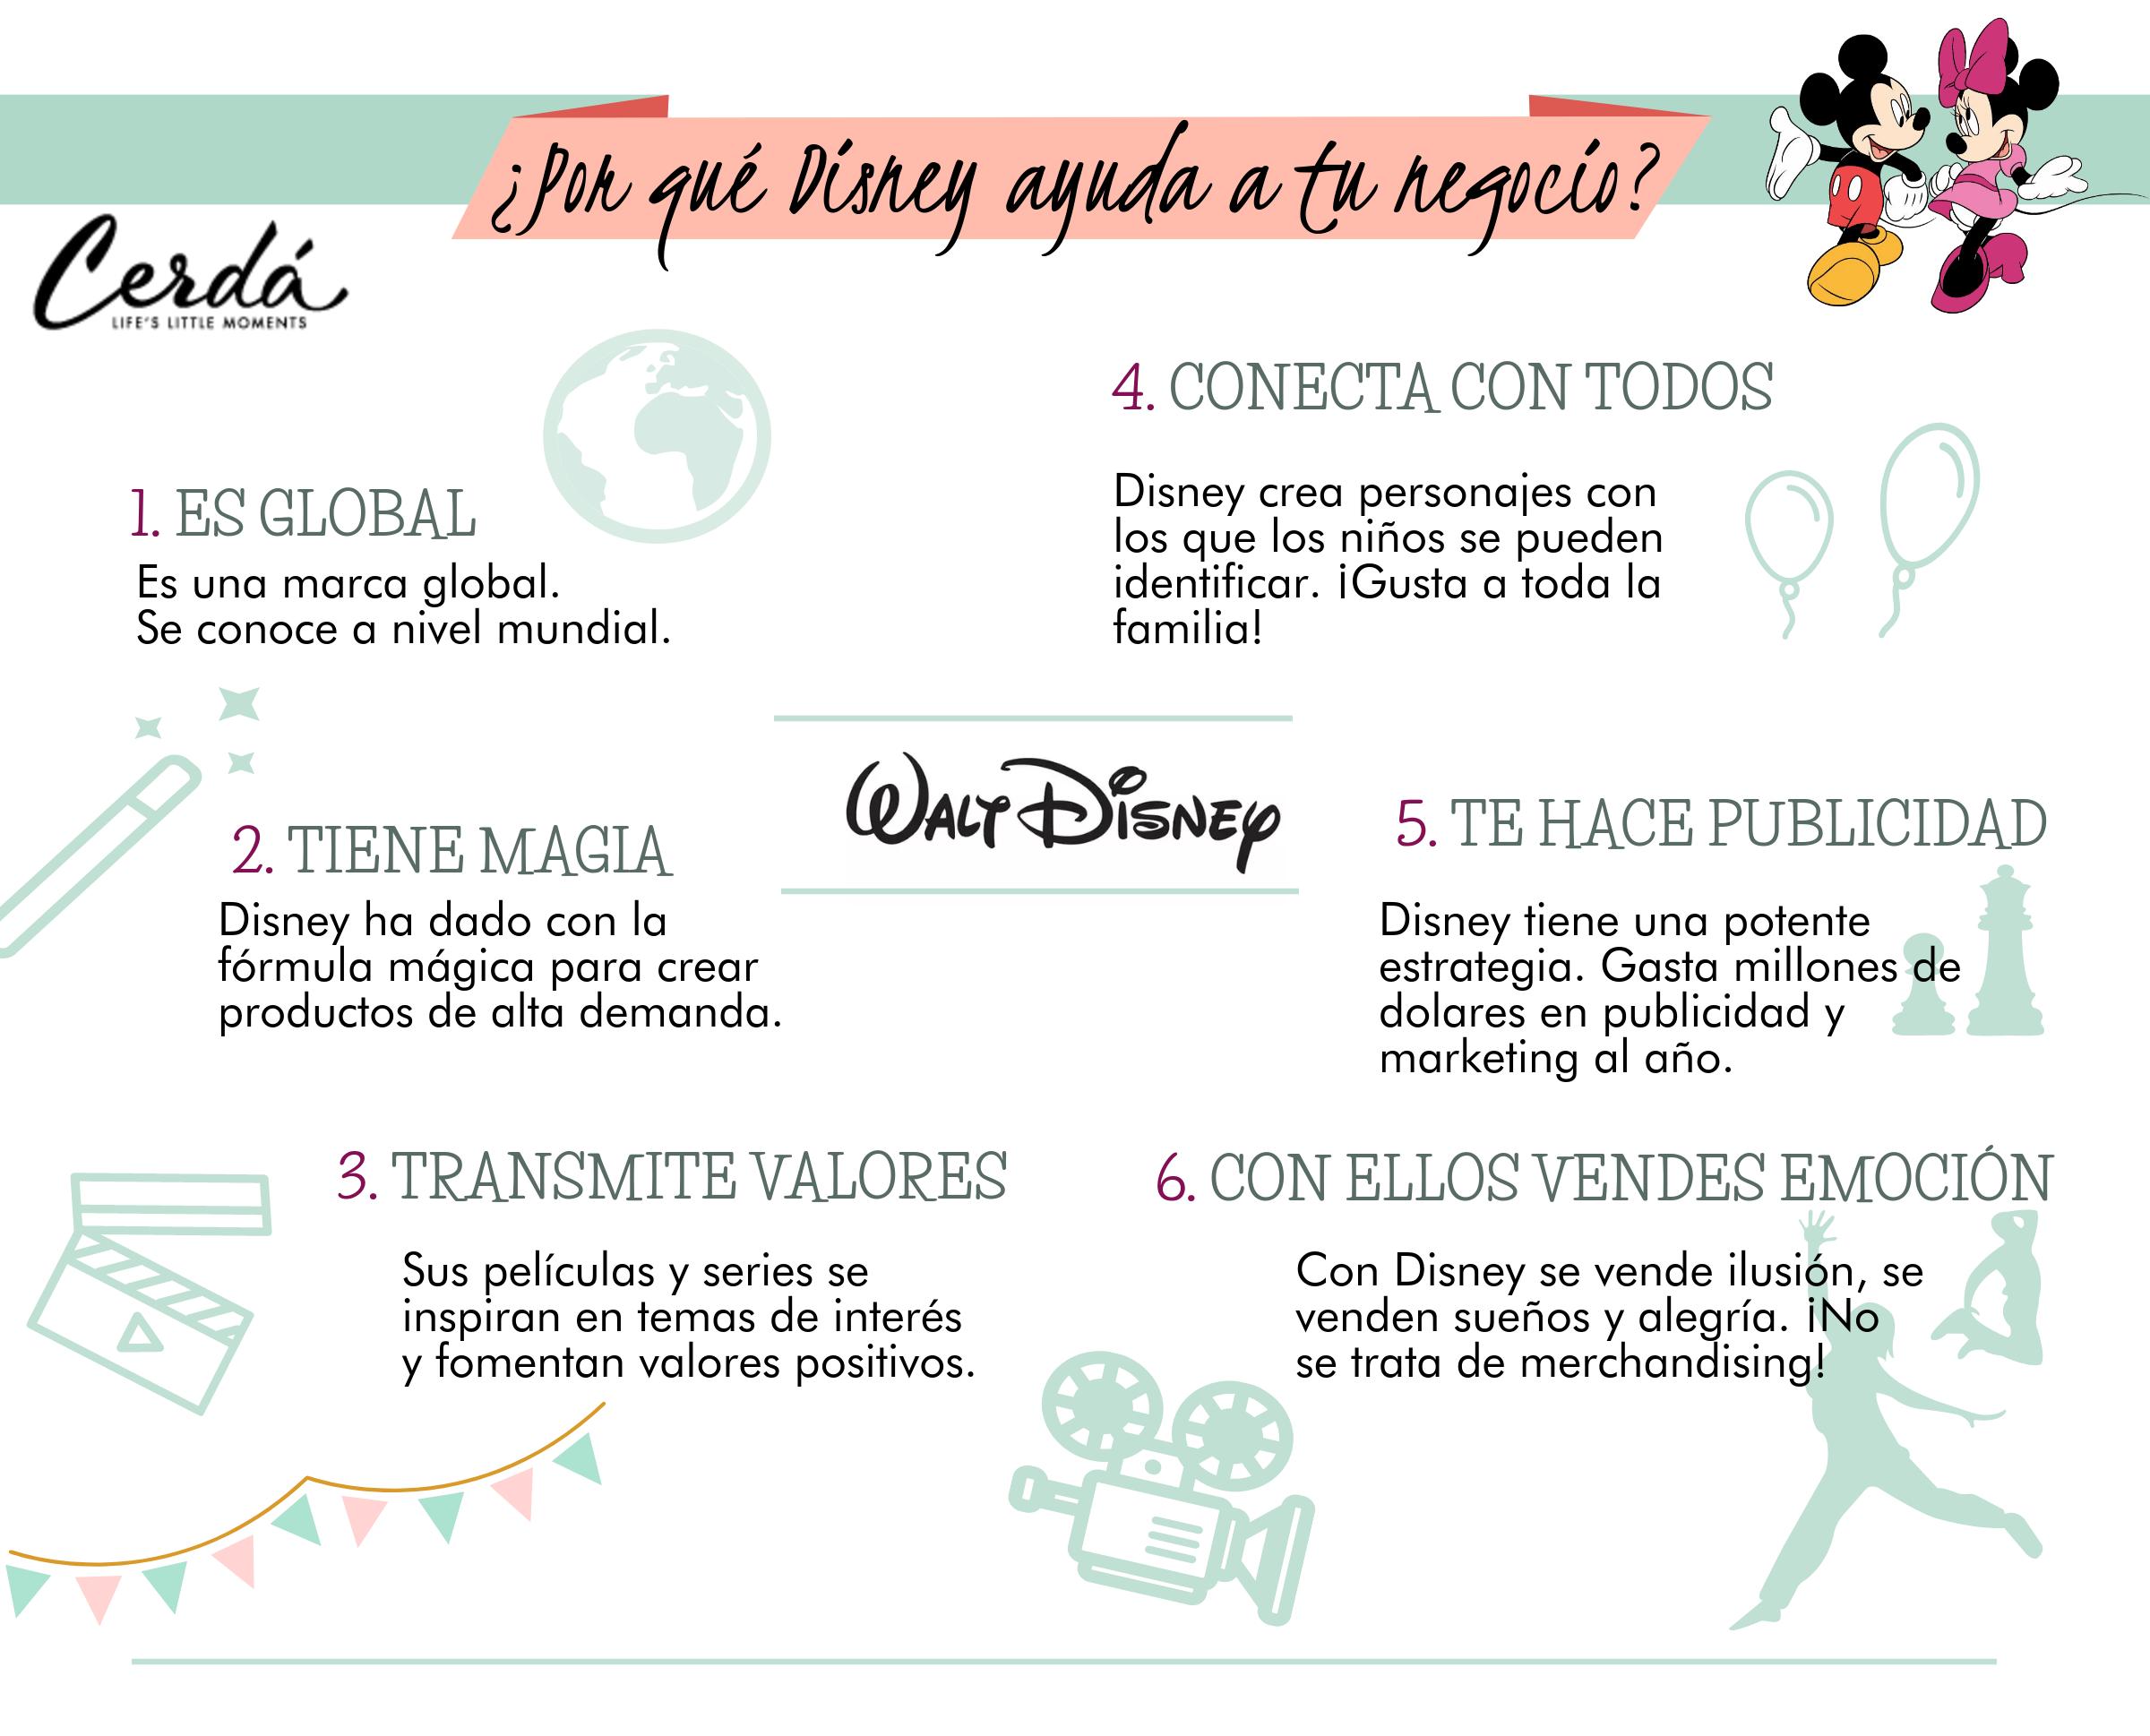 productos Disney al por mayor.png